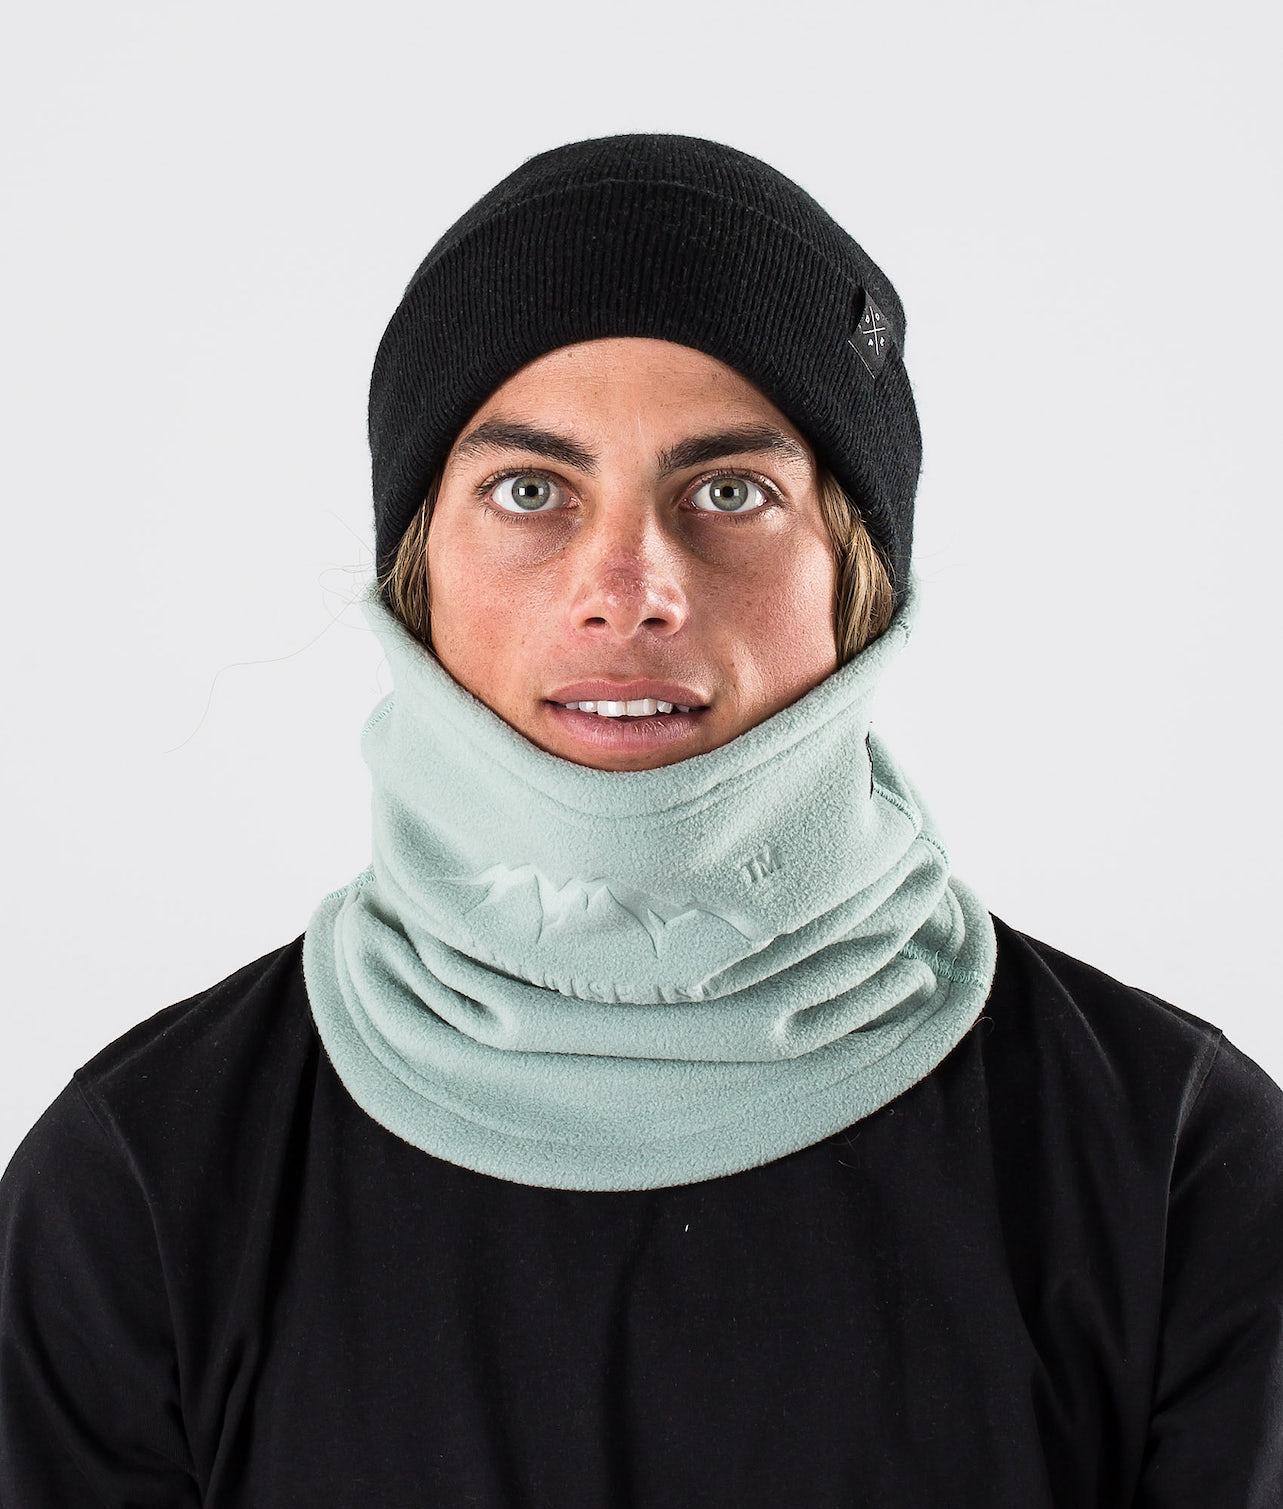 Köp Cozy Tube Ansiktsmask från Dope på Ridestore.se Hos oss har du alltid fri frakt, fri retur och 30 dagar öppet köp!